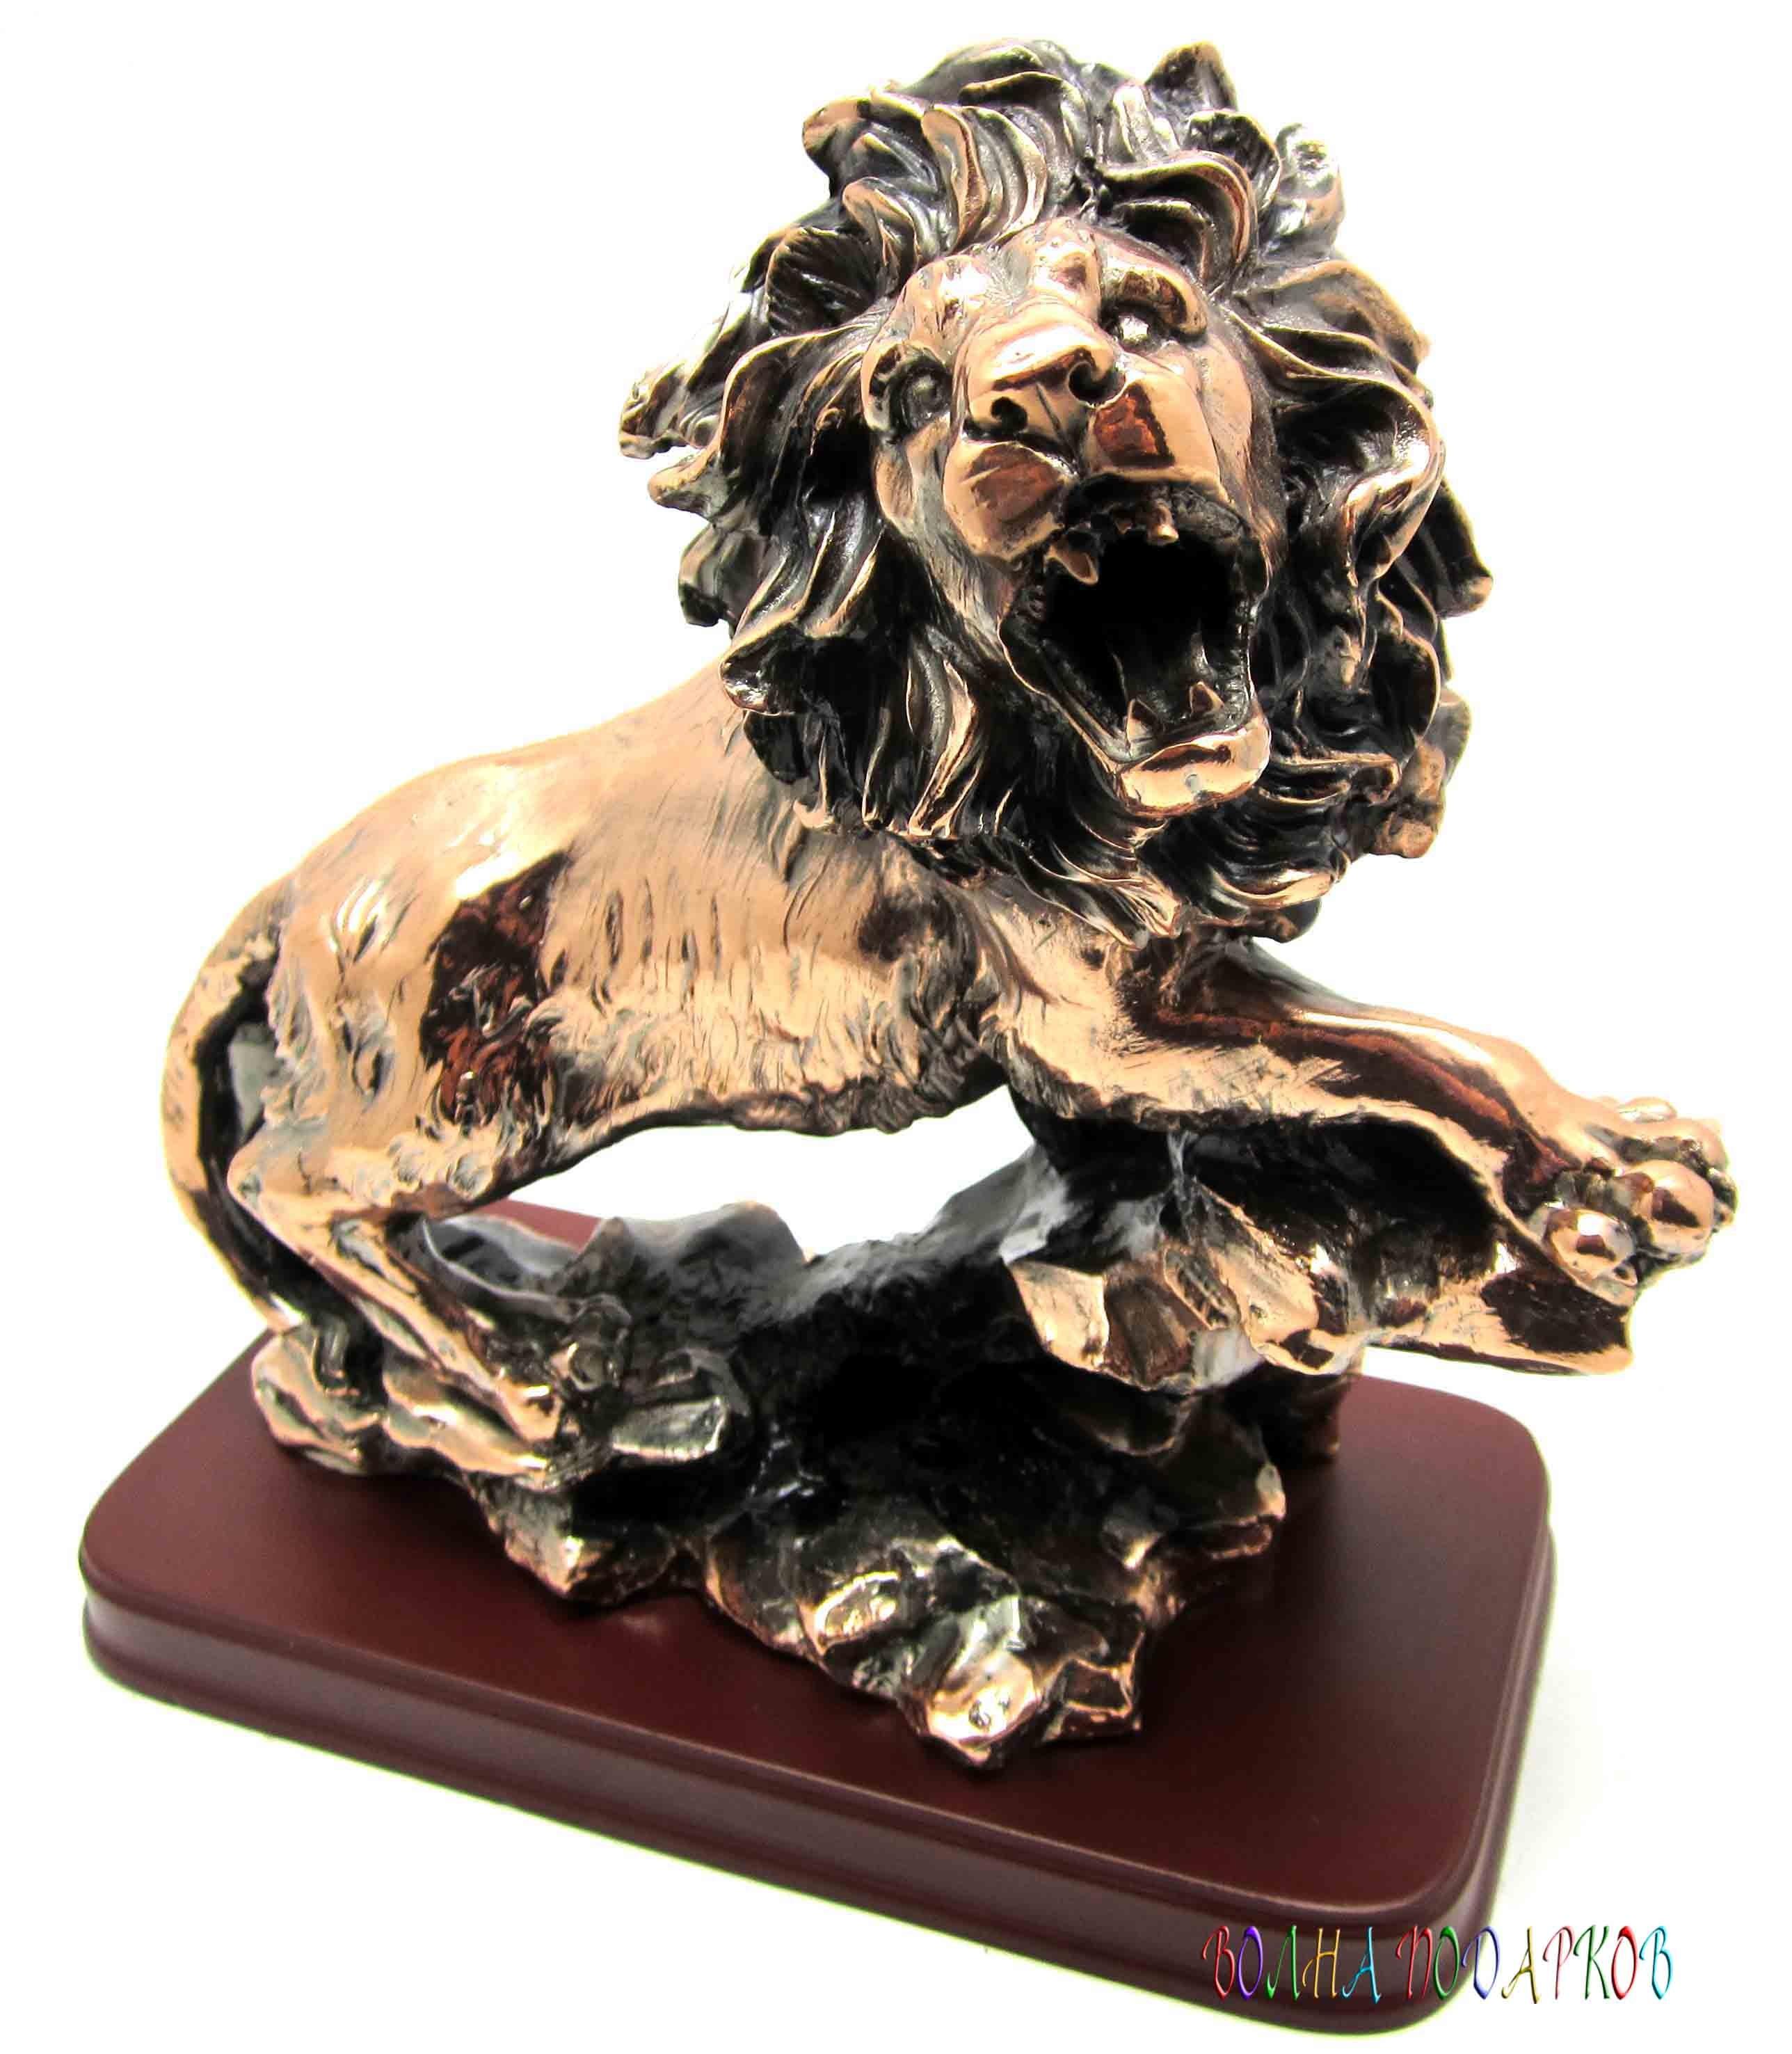 Статуэтка Грозный лев